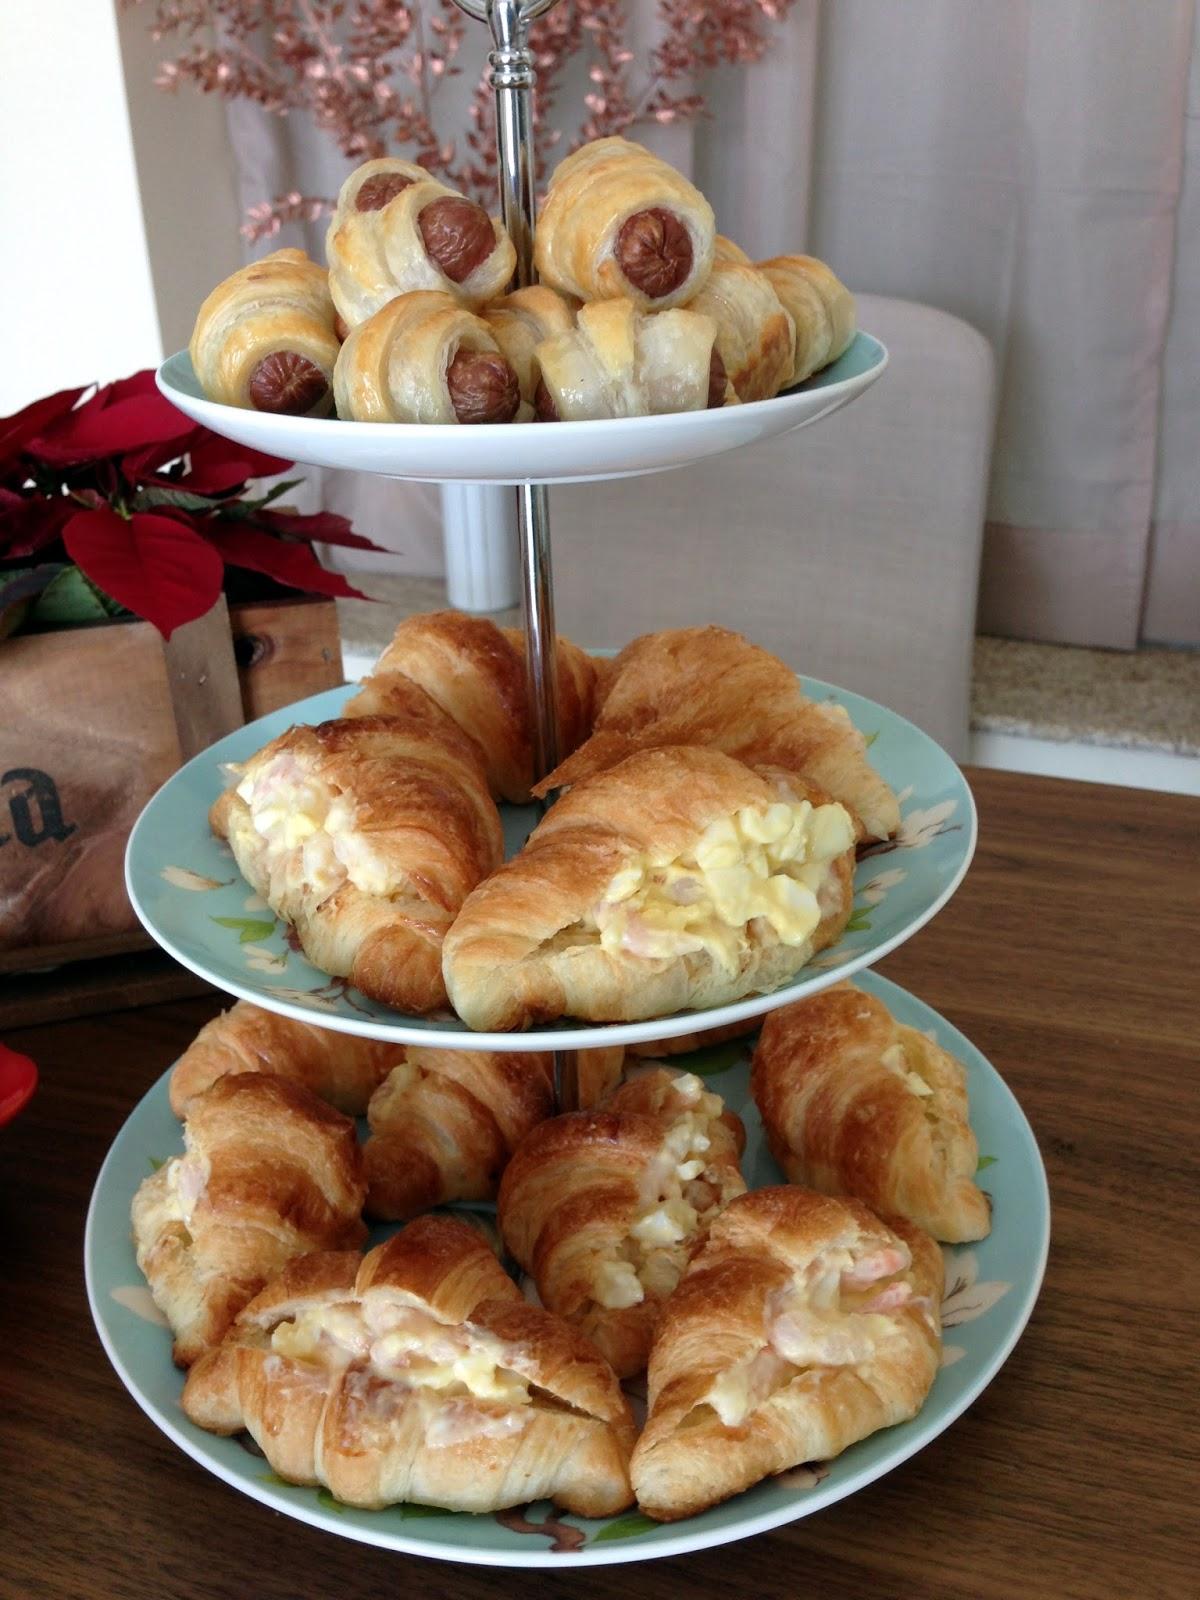 sausage roll, shrimp croissant